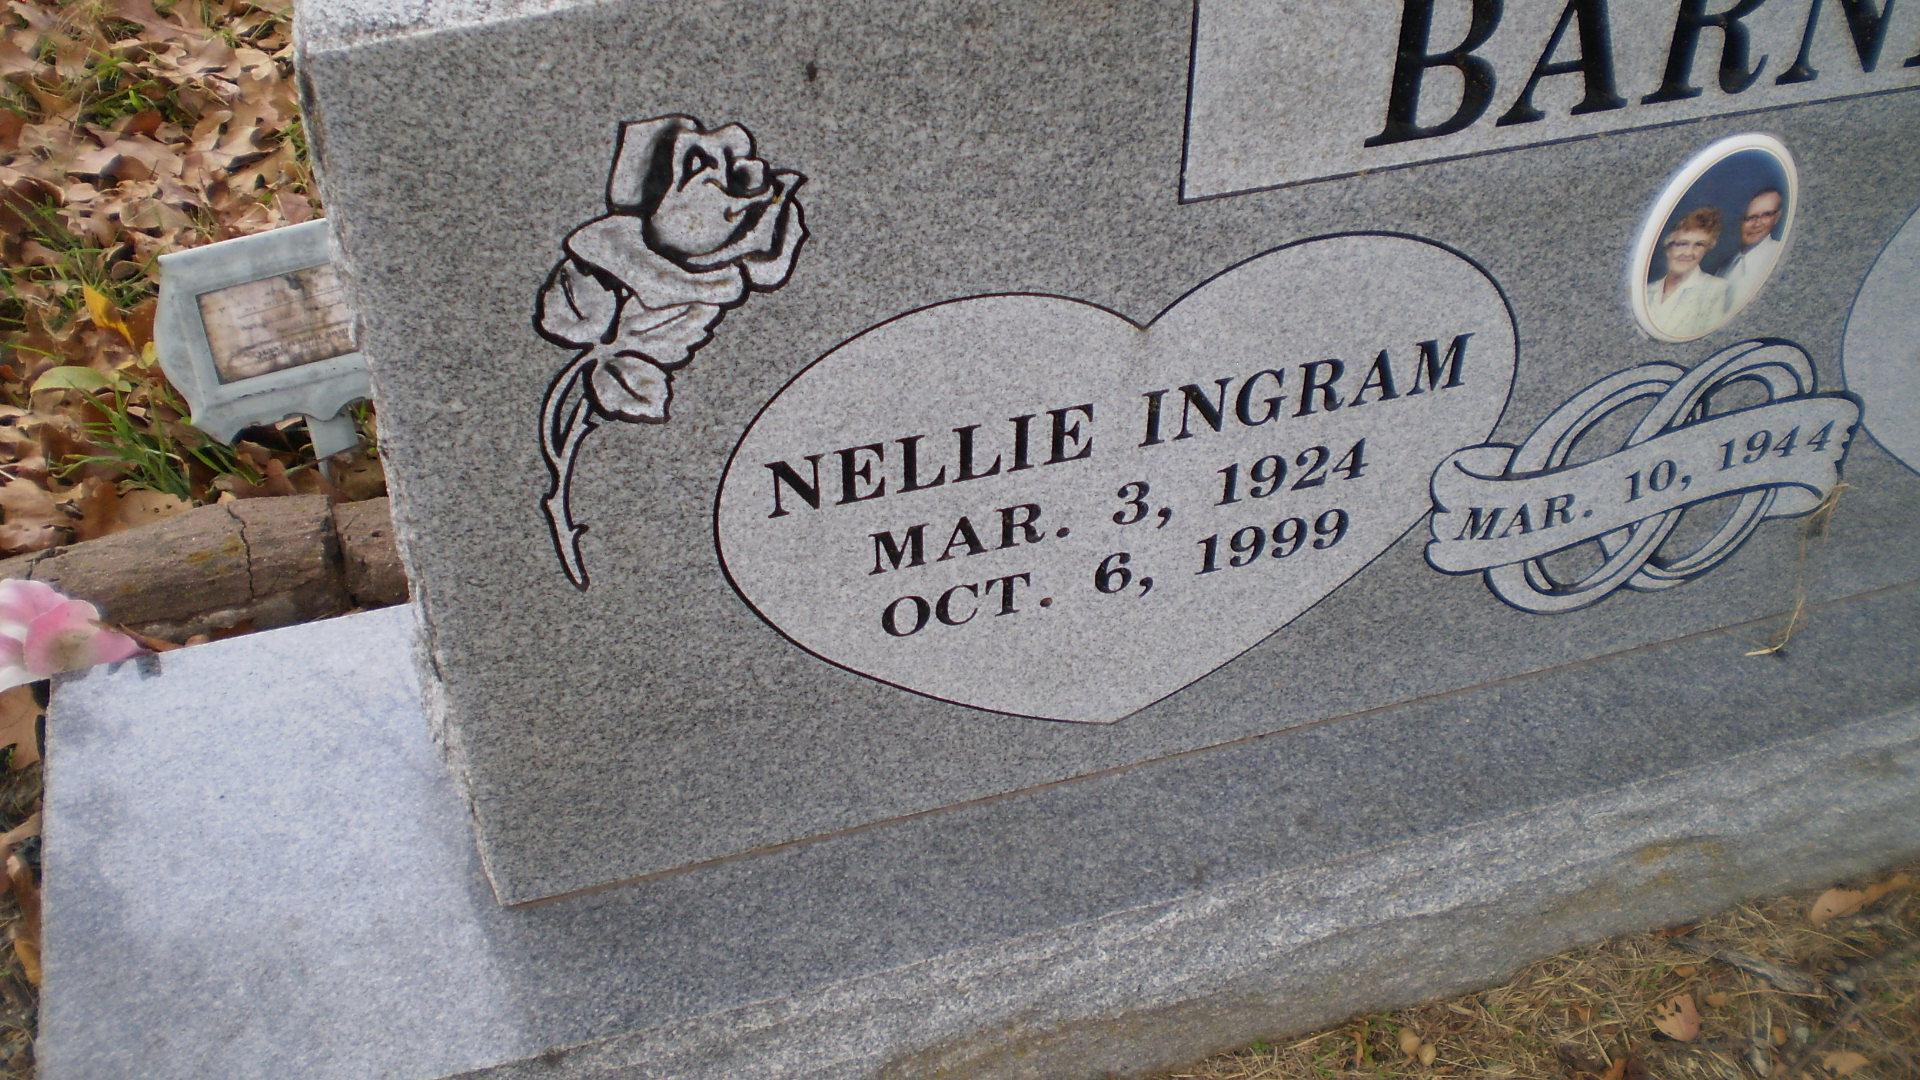 Nellie <i>Ingram</i> Barnes